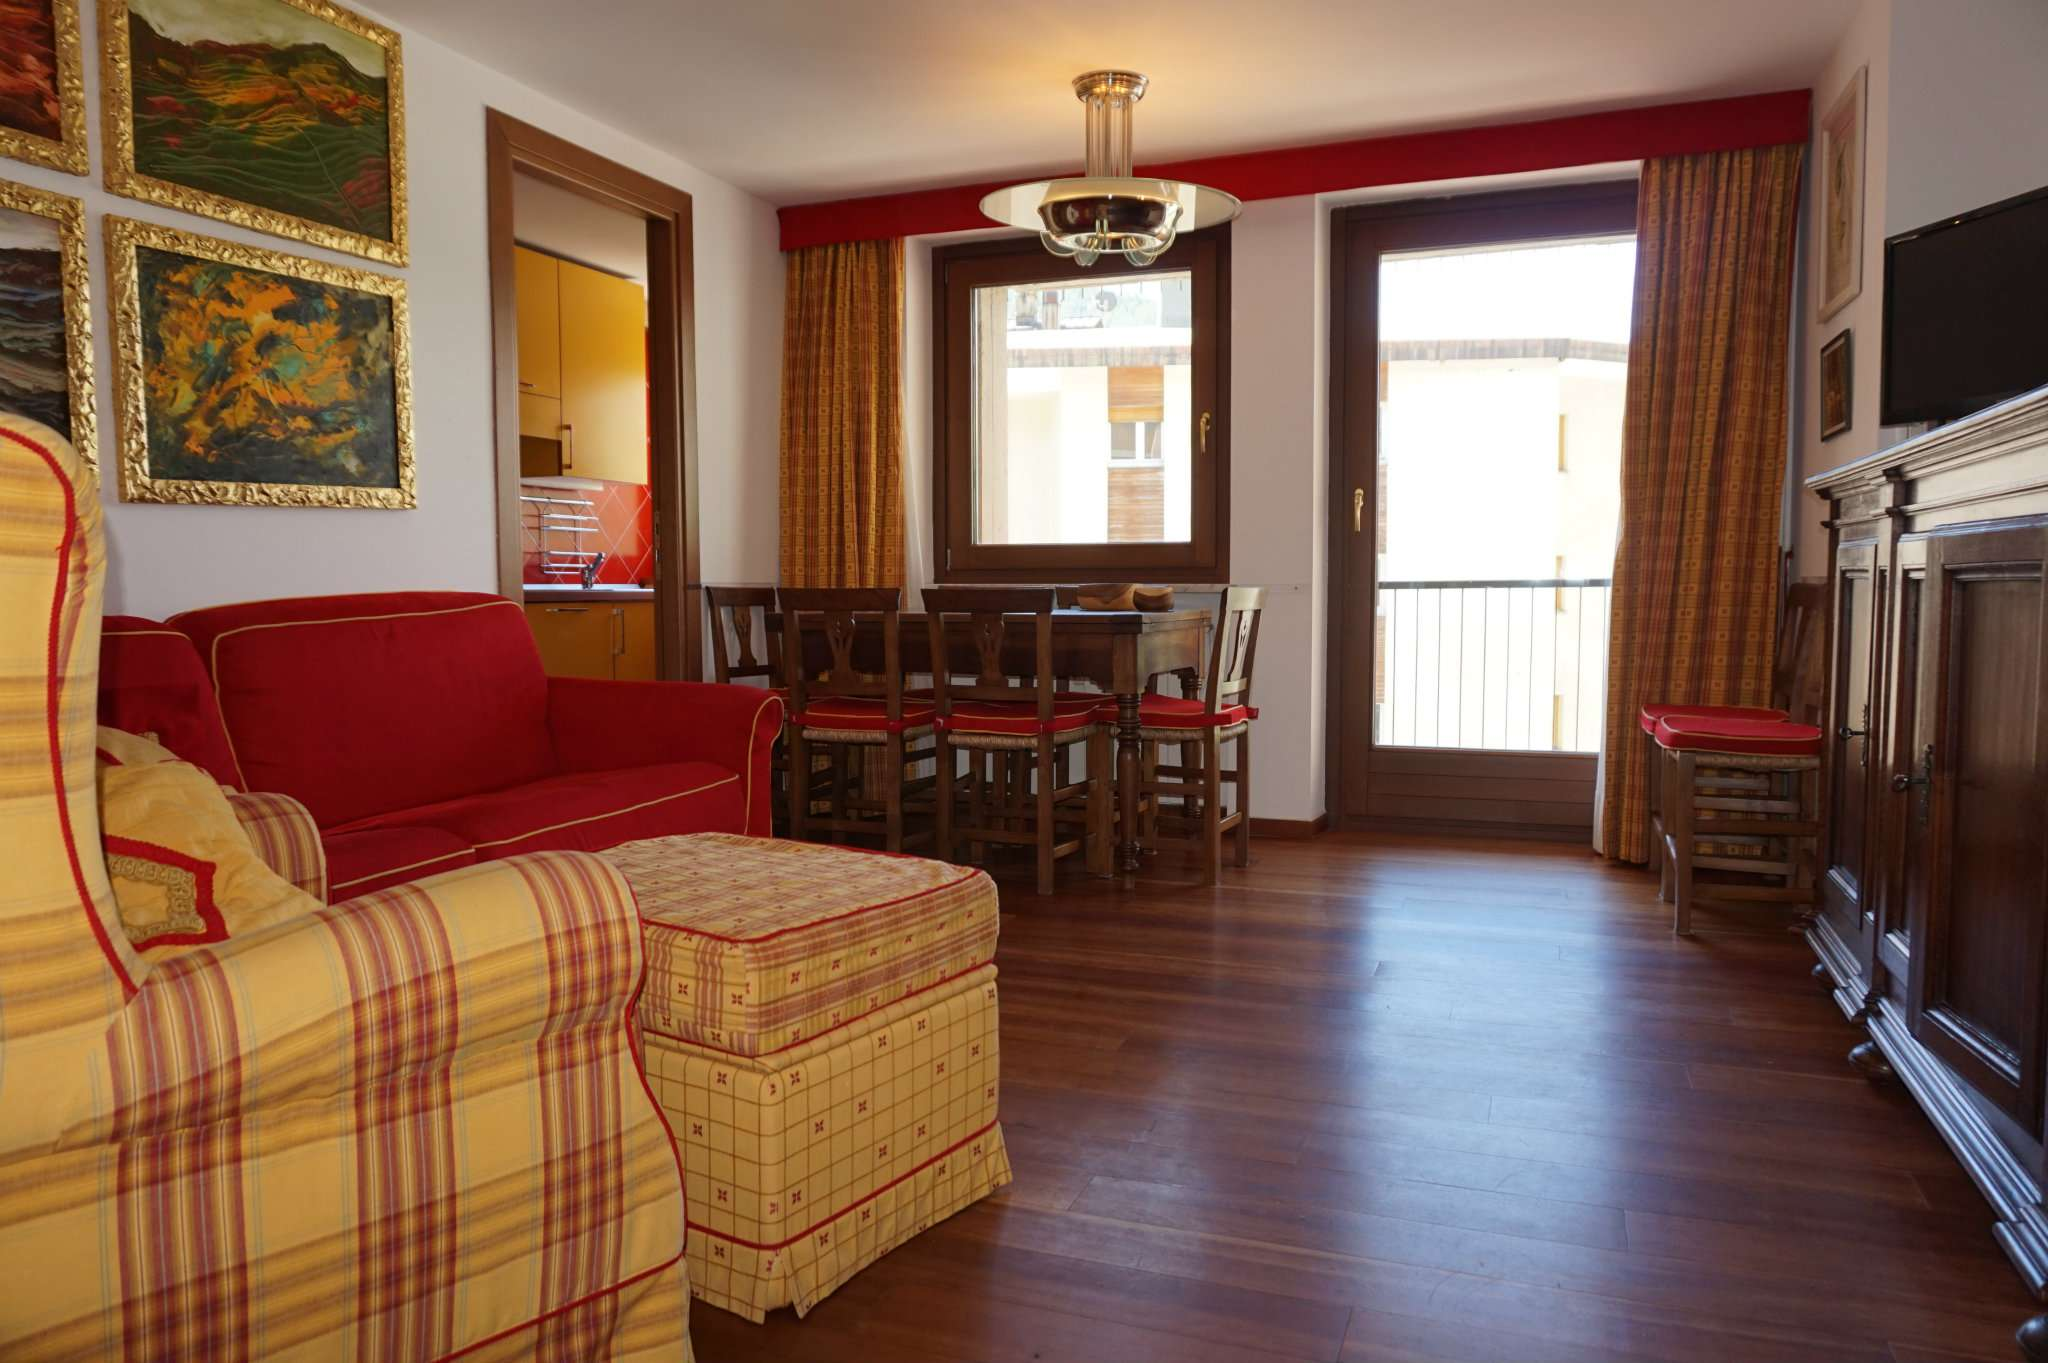 Appartamento in vendita a Valtournenche, 4 locali, prezzo € 595.000 | CambioCasa.it